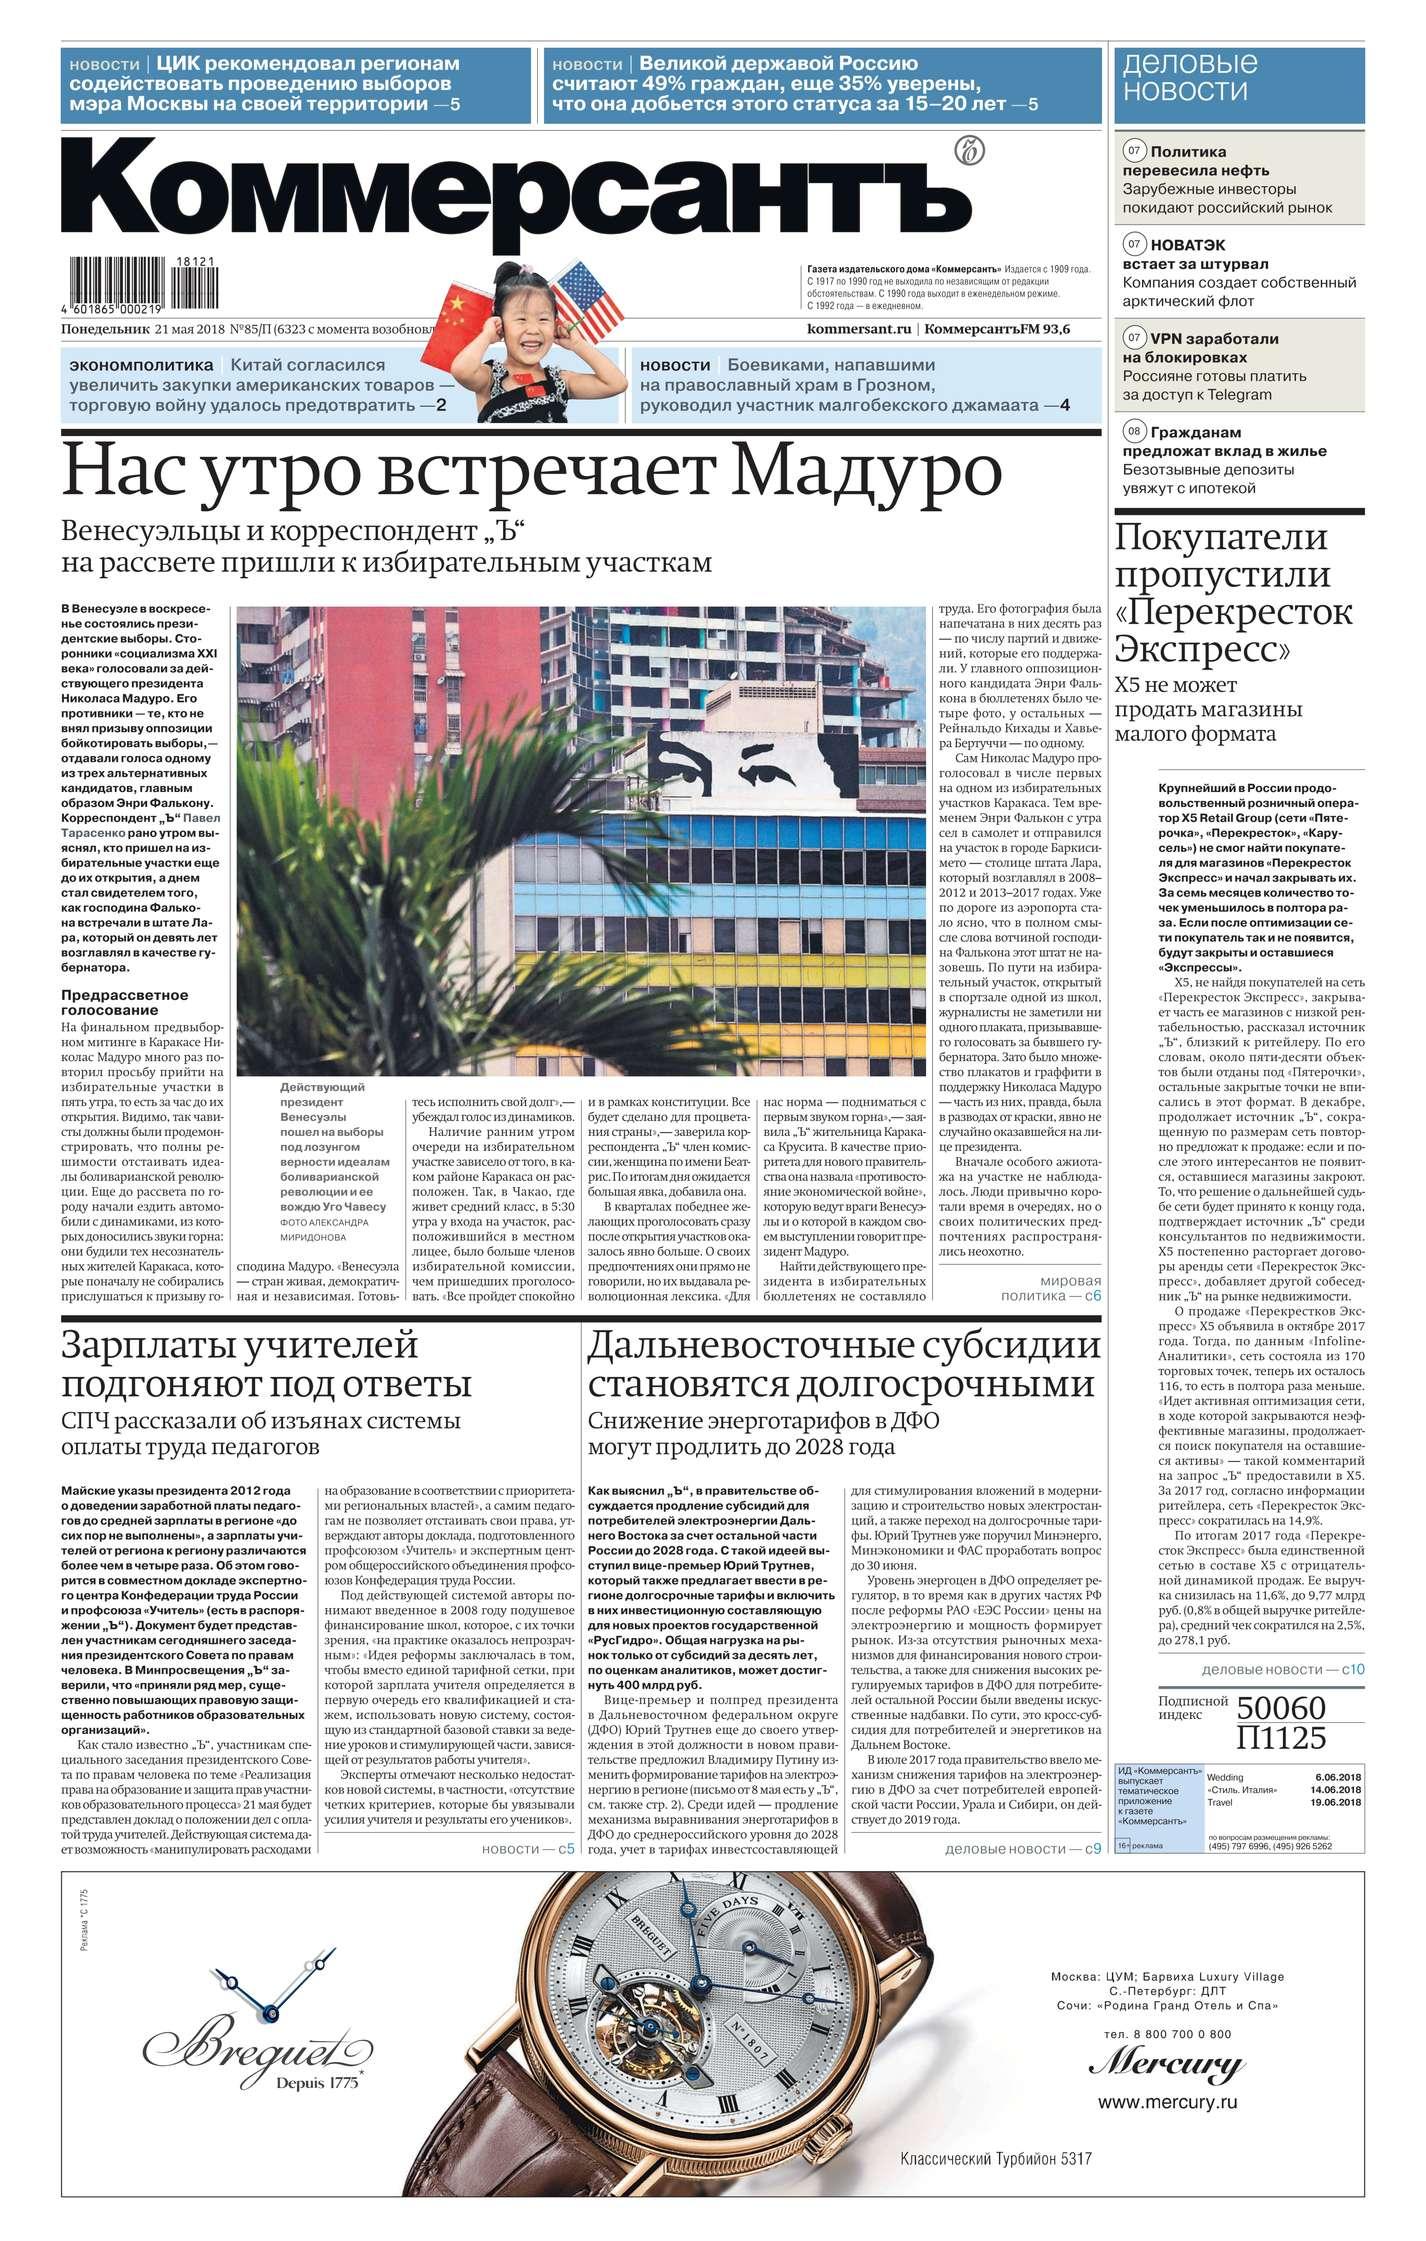 Редакция газеты Коммерсантъ (понедельник-пятница) Коммерсантъ (понедельник-пятница) 85п-2018 цена